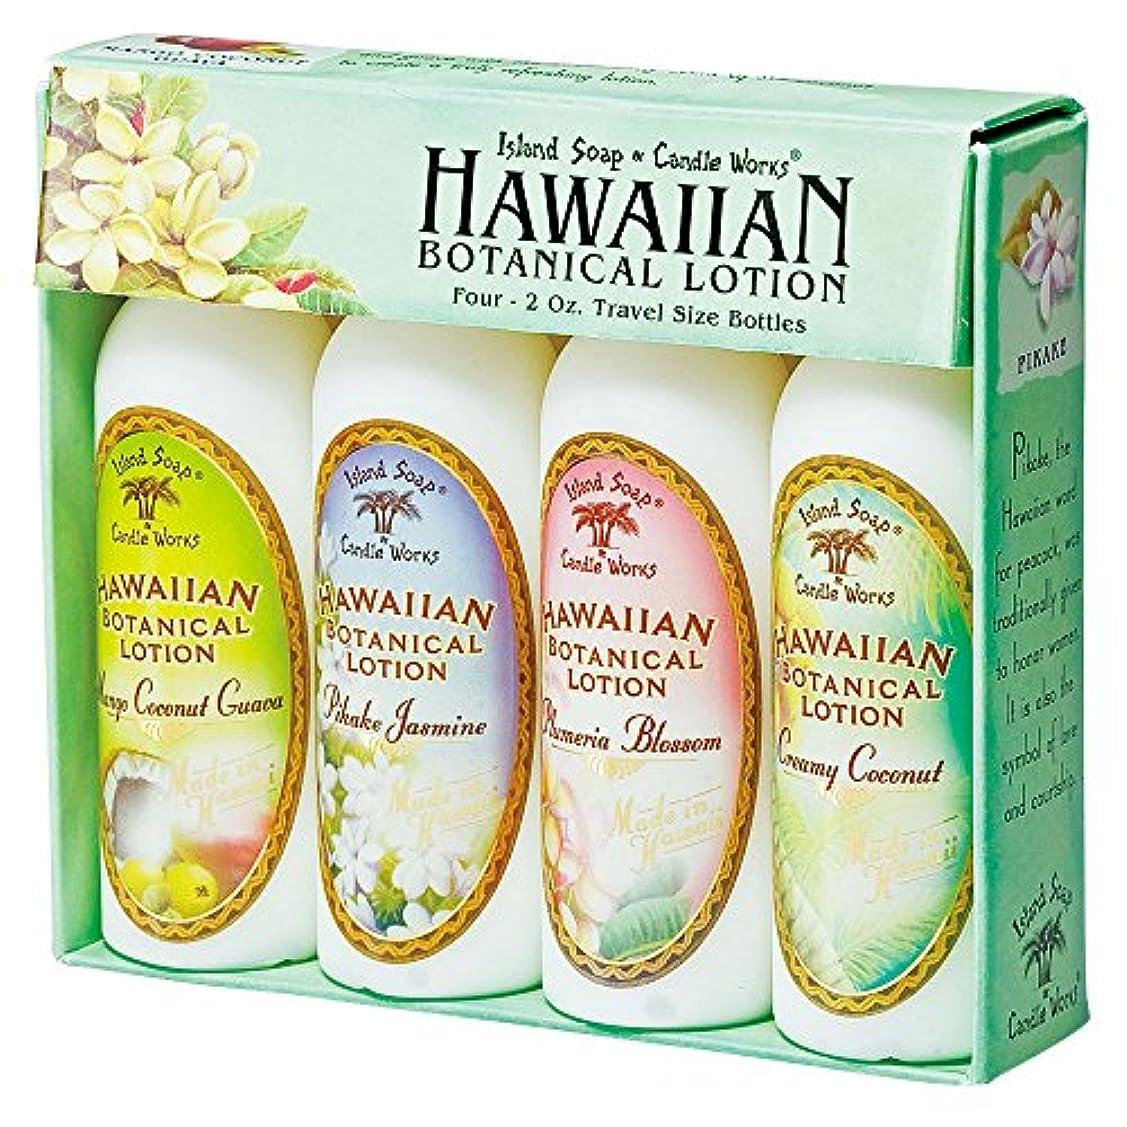 クリーク急性制約ハワイお土産 ハワイアイランドソープ トロピカルローション ミニ 4種セット